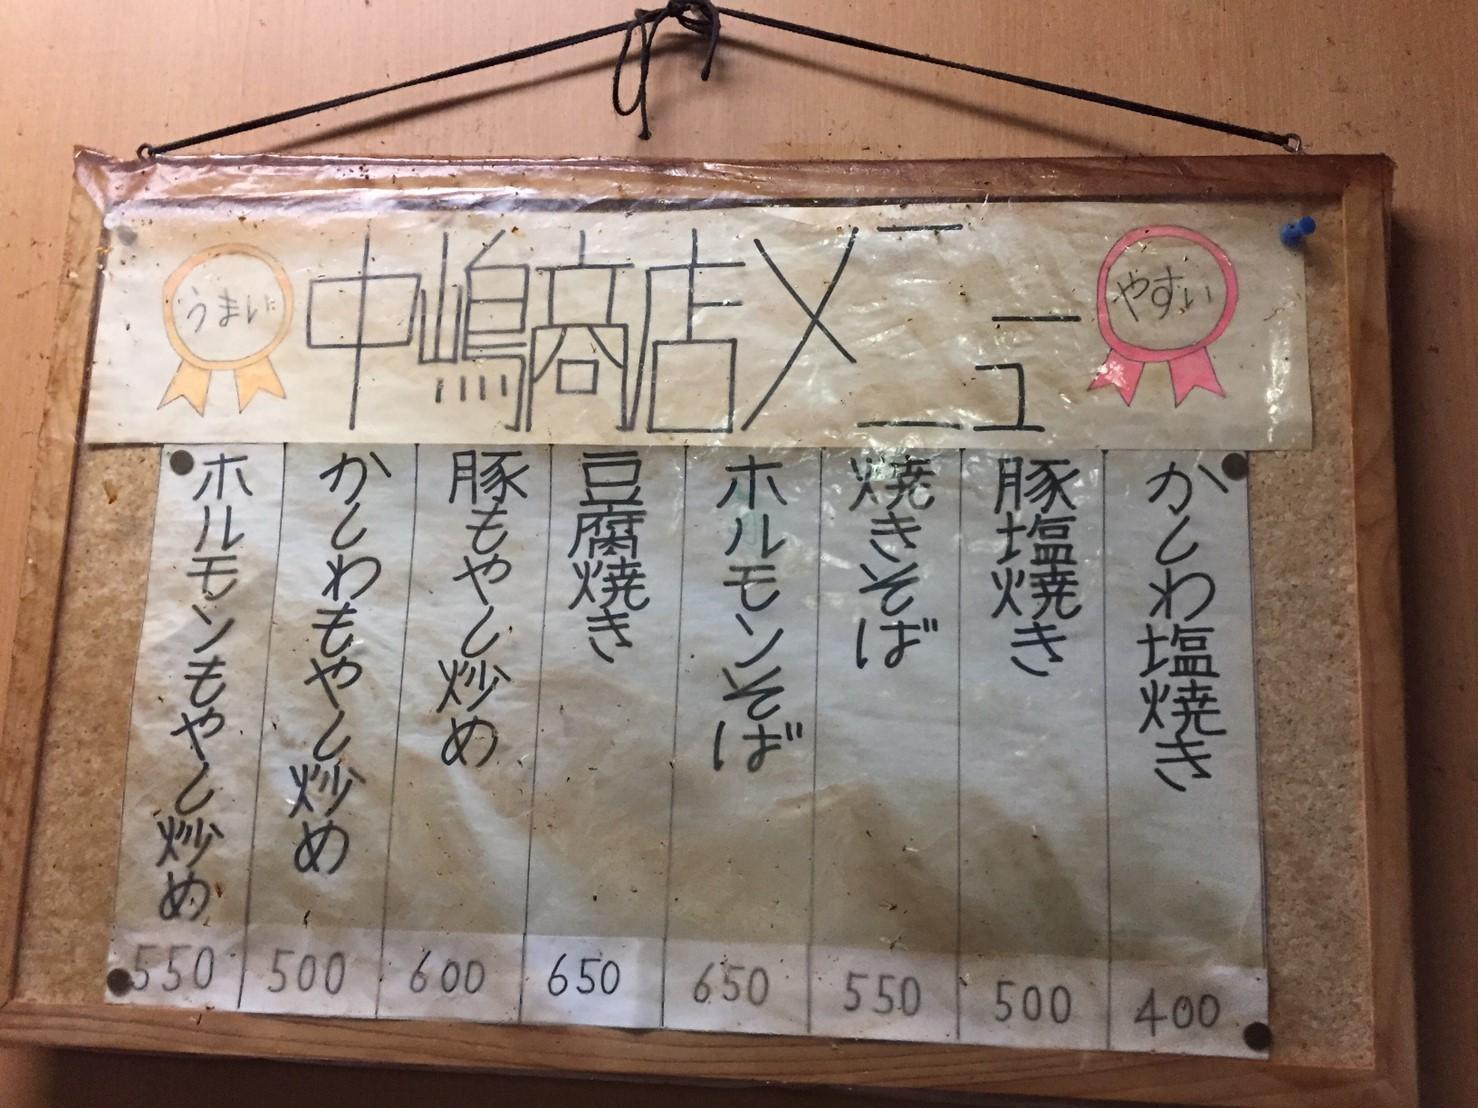 中嶋商店 のち 鍛冶屋温泉_e0115904_16025128.jpg